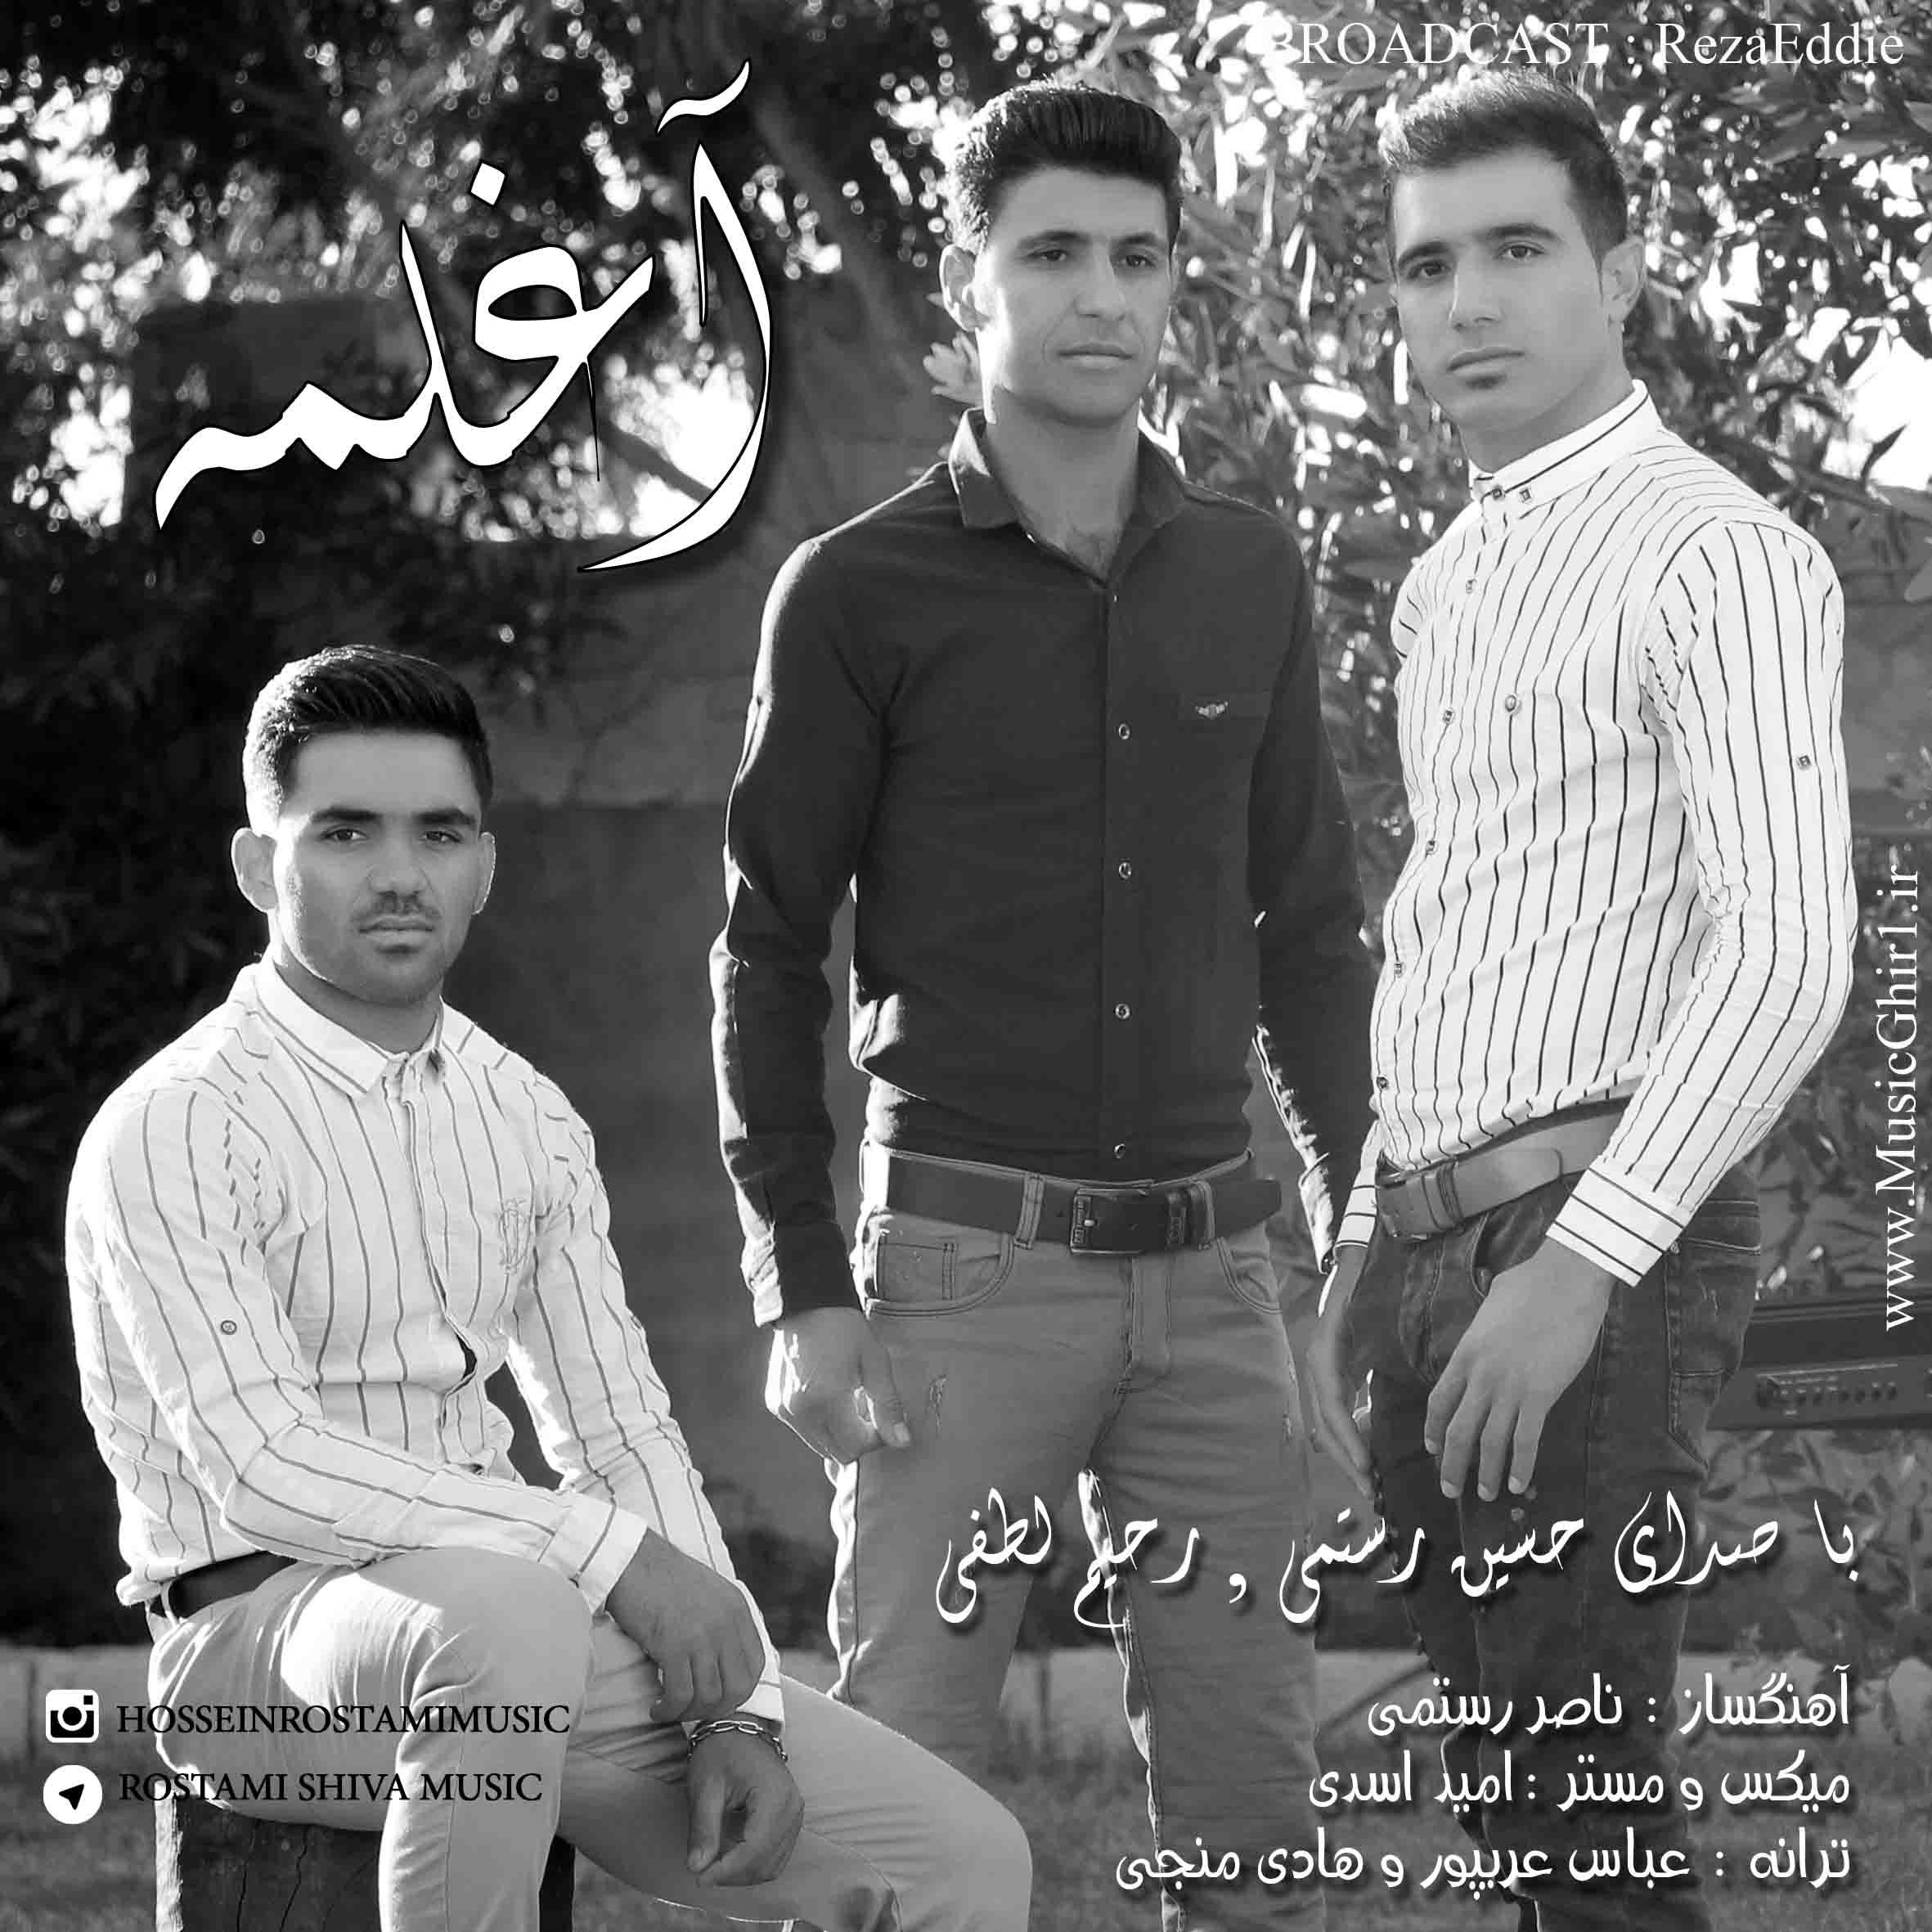 دانلود آهنگ جدید حسین رستمی و رحیم لطفی و ناصر رستمی به نام آغلمه